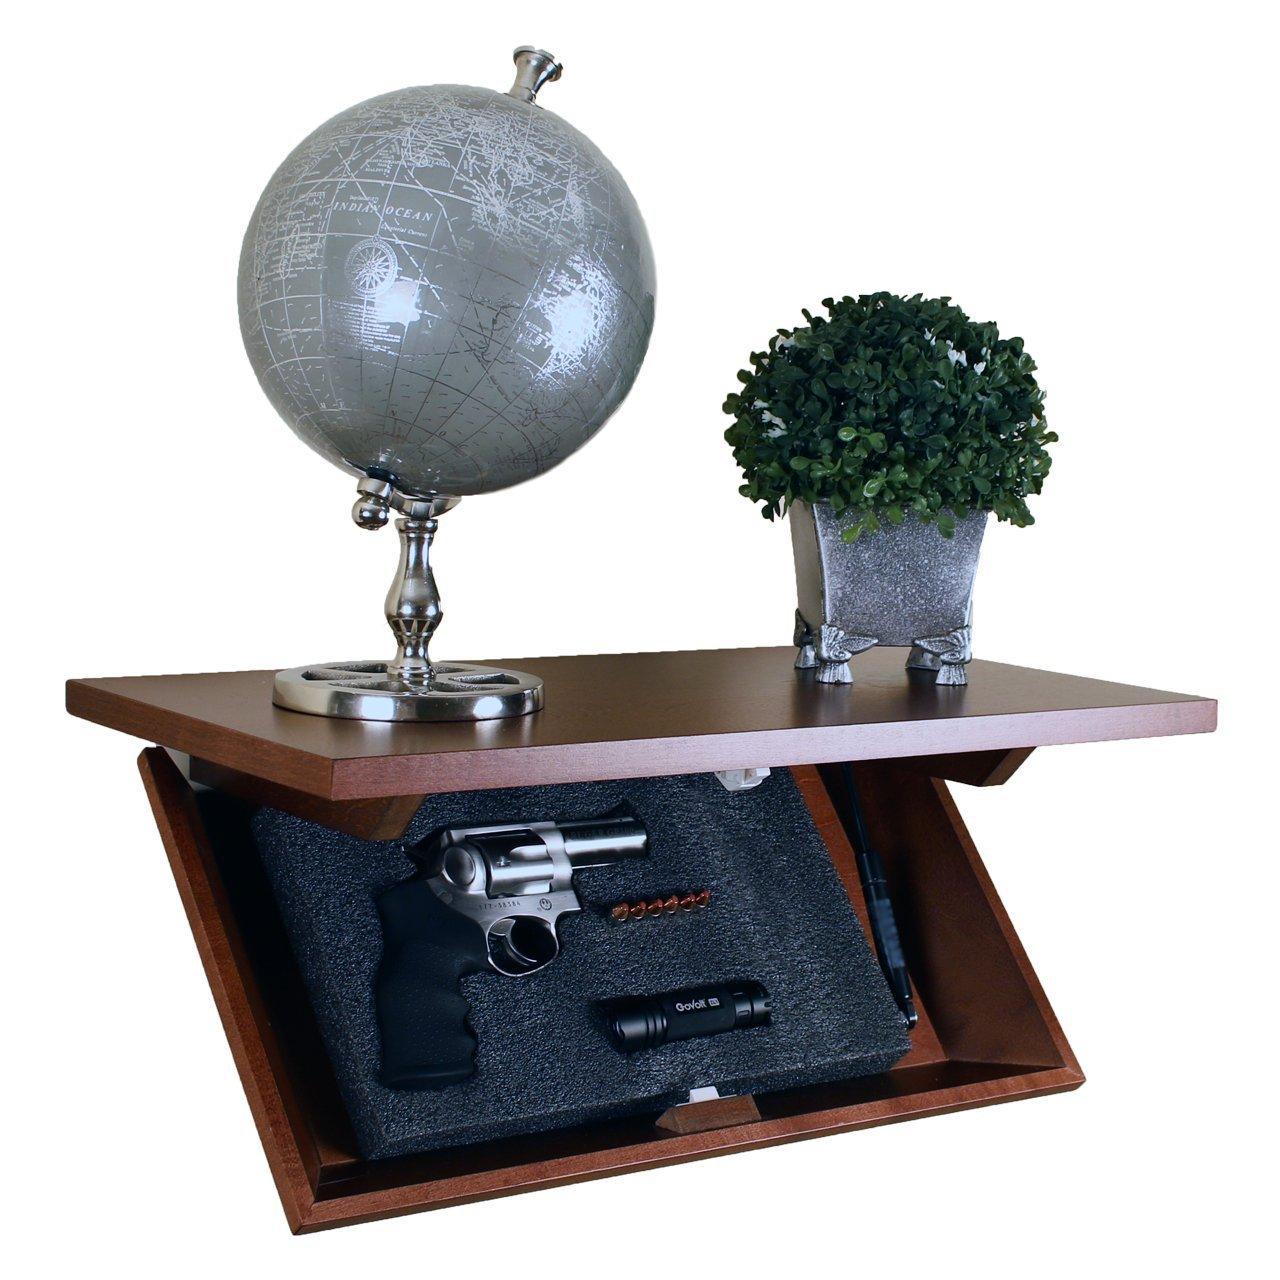 Covert Cabinets HG-21 Gun Cabinet Wall Shelf Hidden Storage, Tuscan Finish